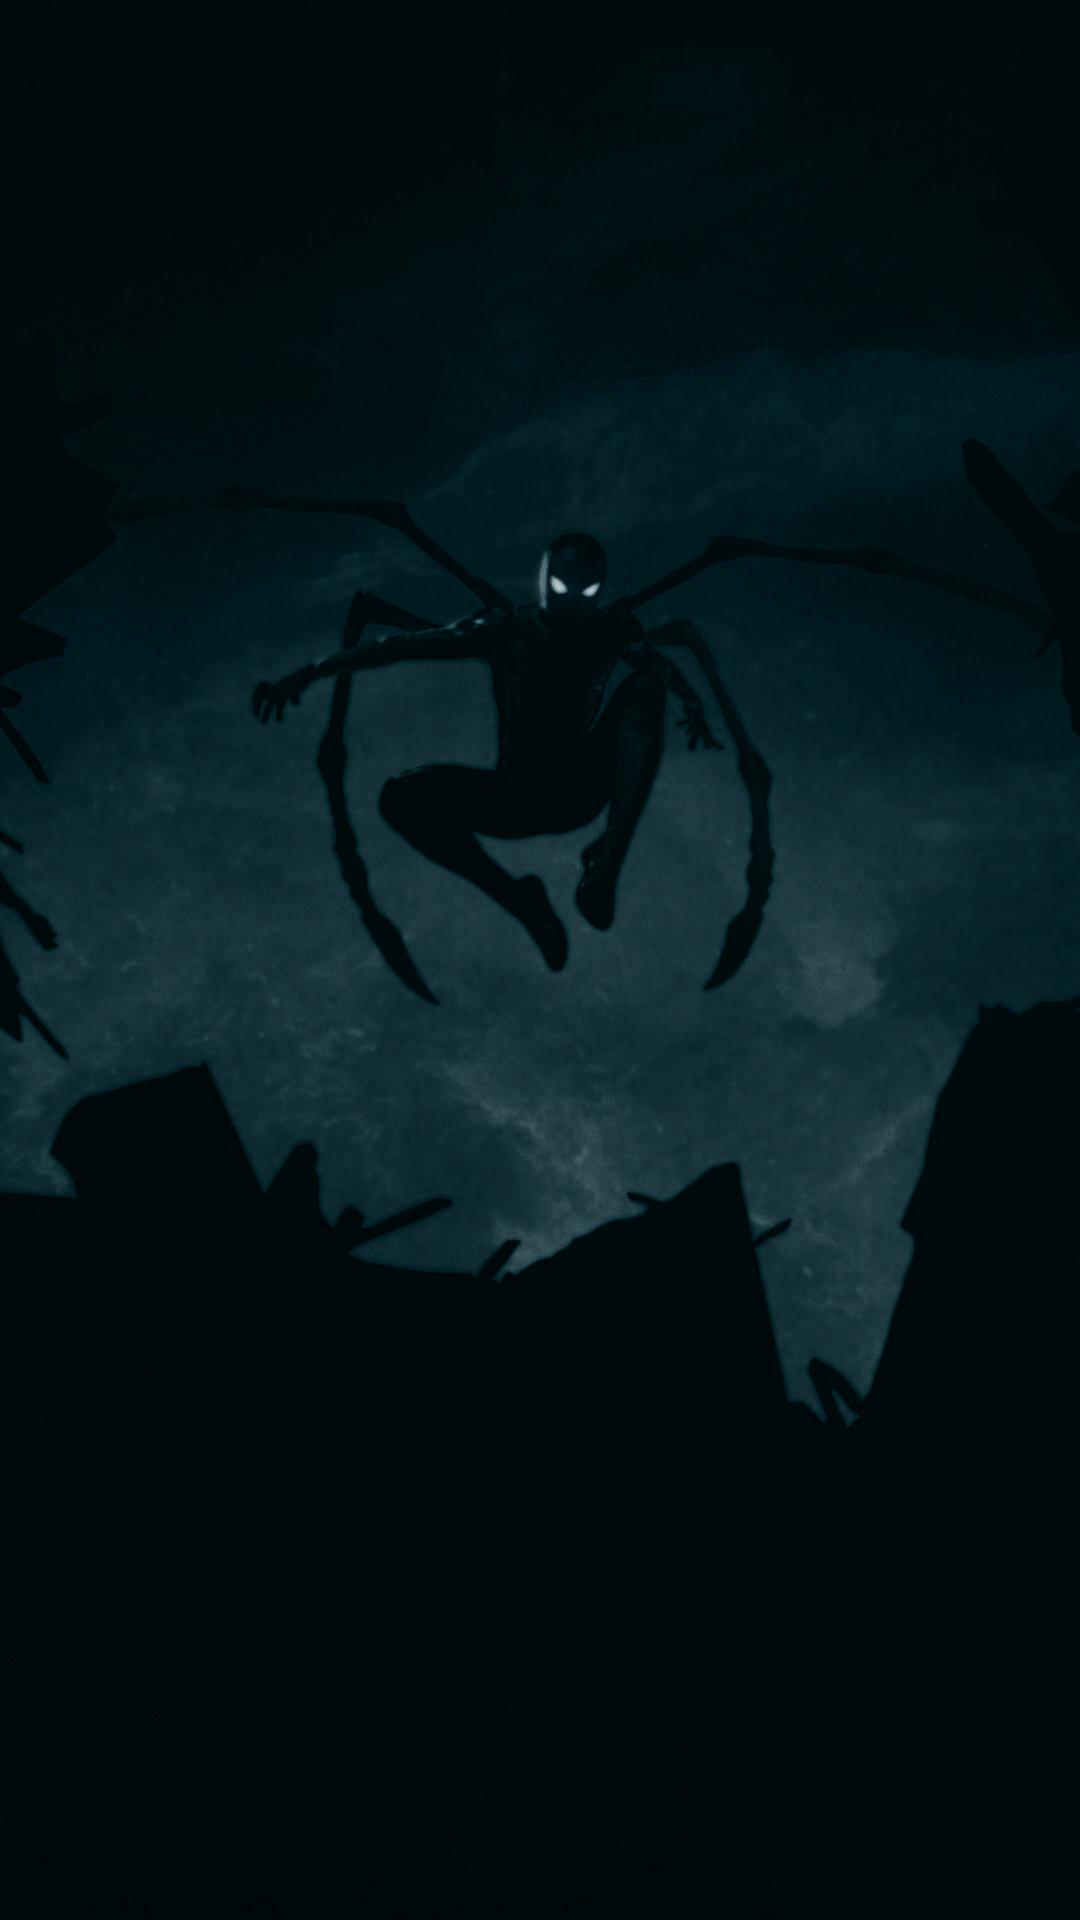 SPIDER SPIDERMAN SPIDER-MAN